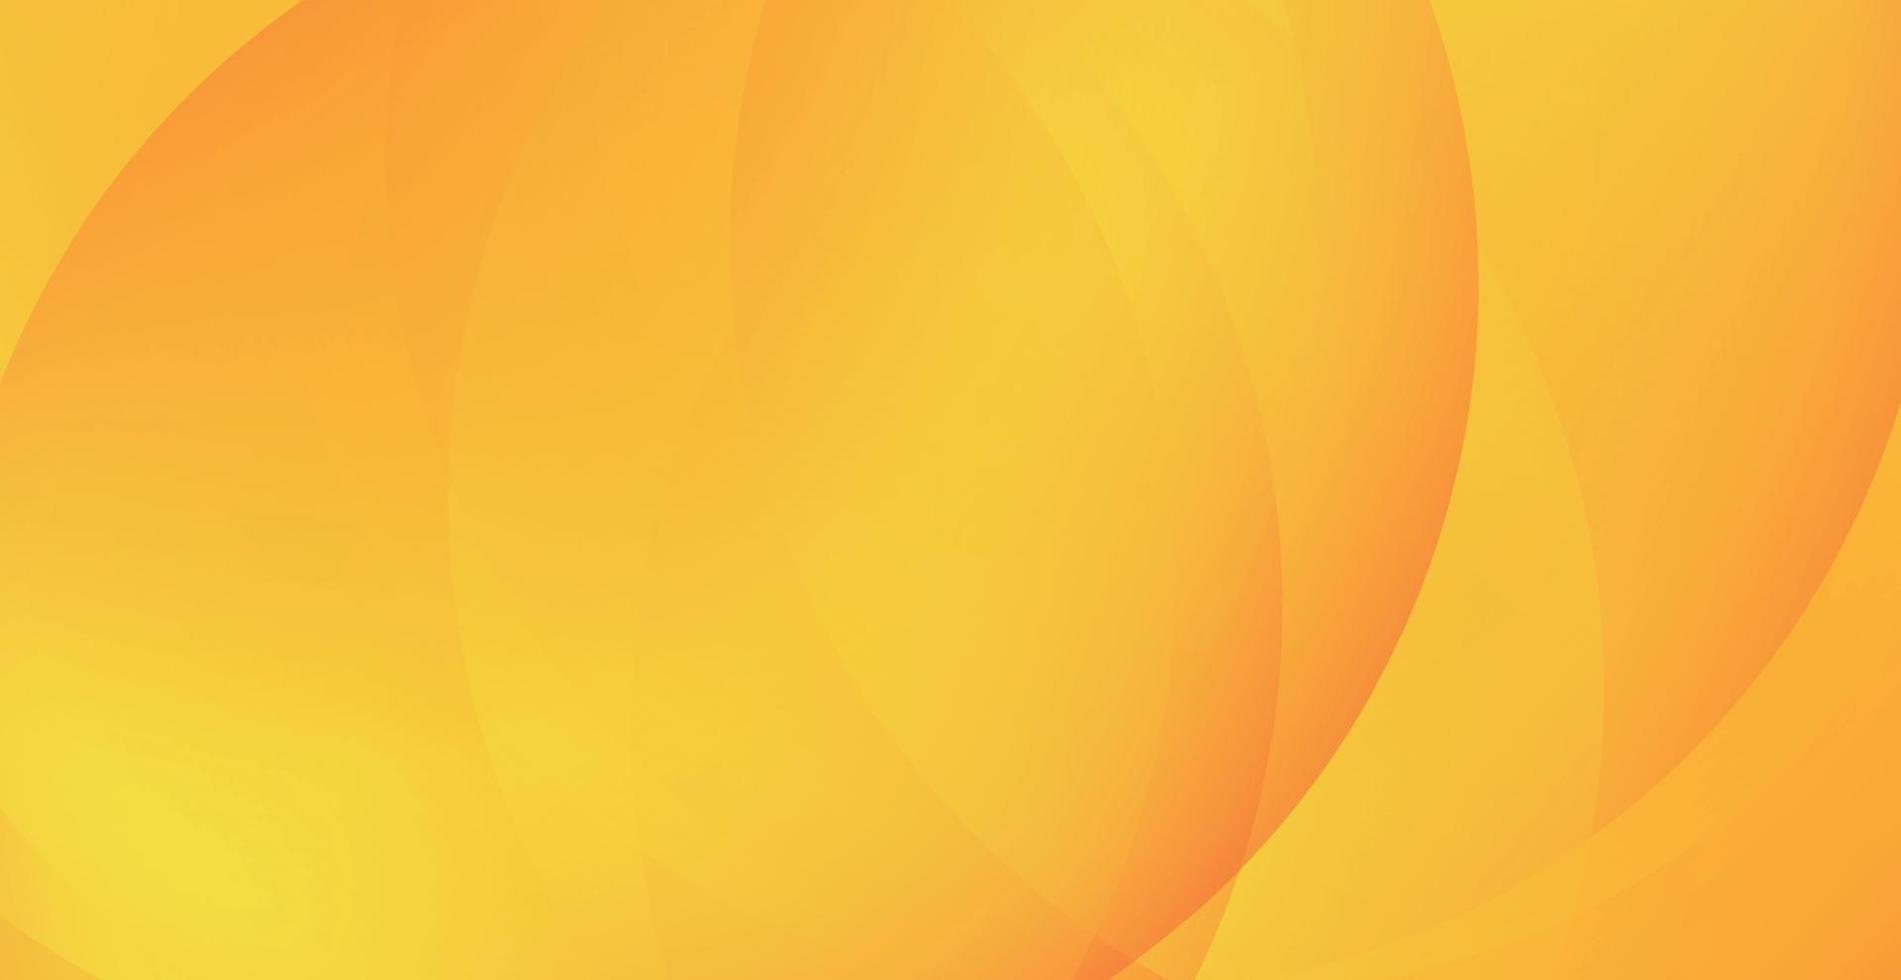 abstrakter orange Hintergrund mit Wellenlinien - Vektor